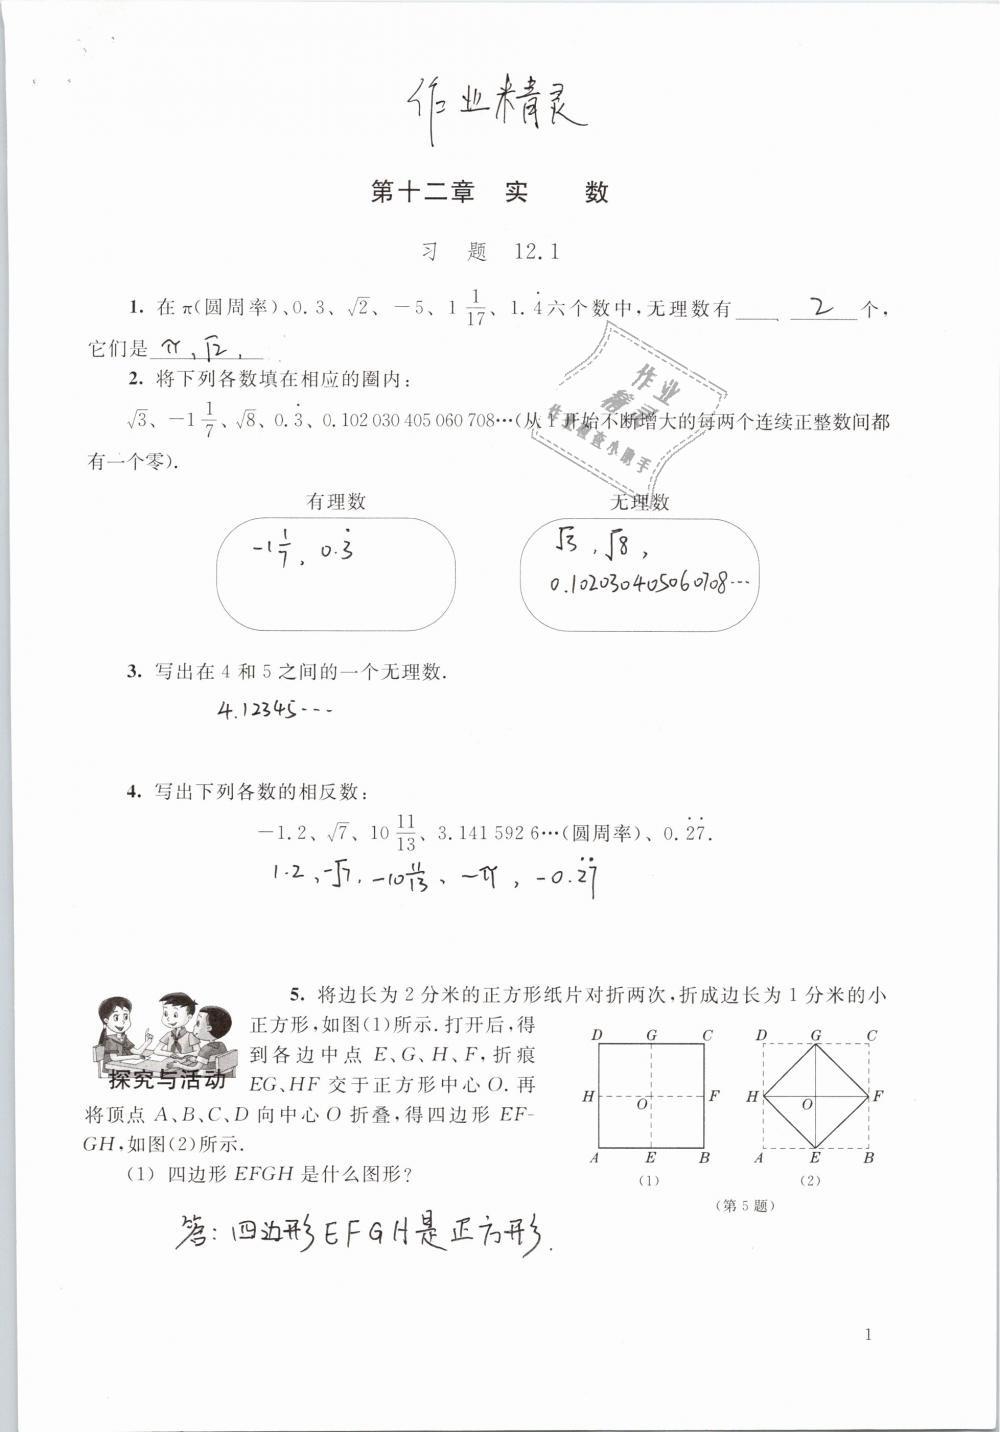 2019年数学练习部分七年级第二学期第1页